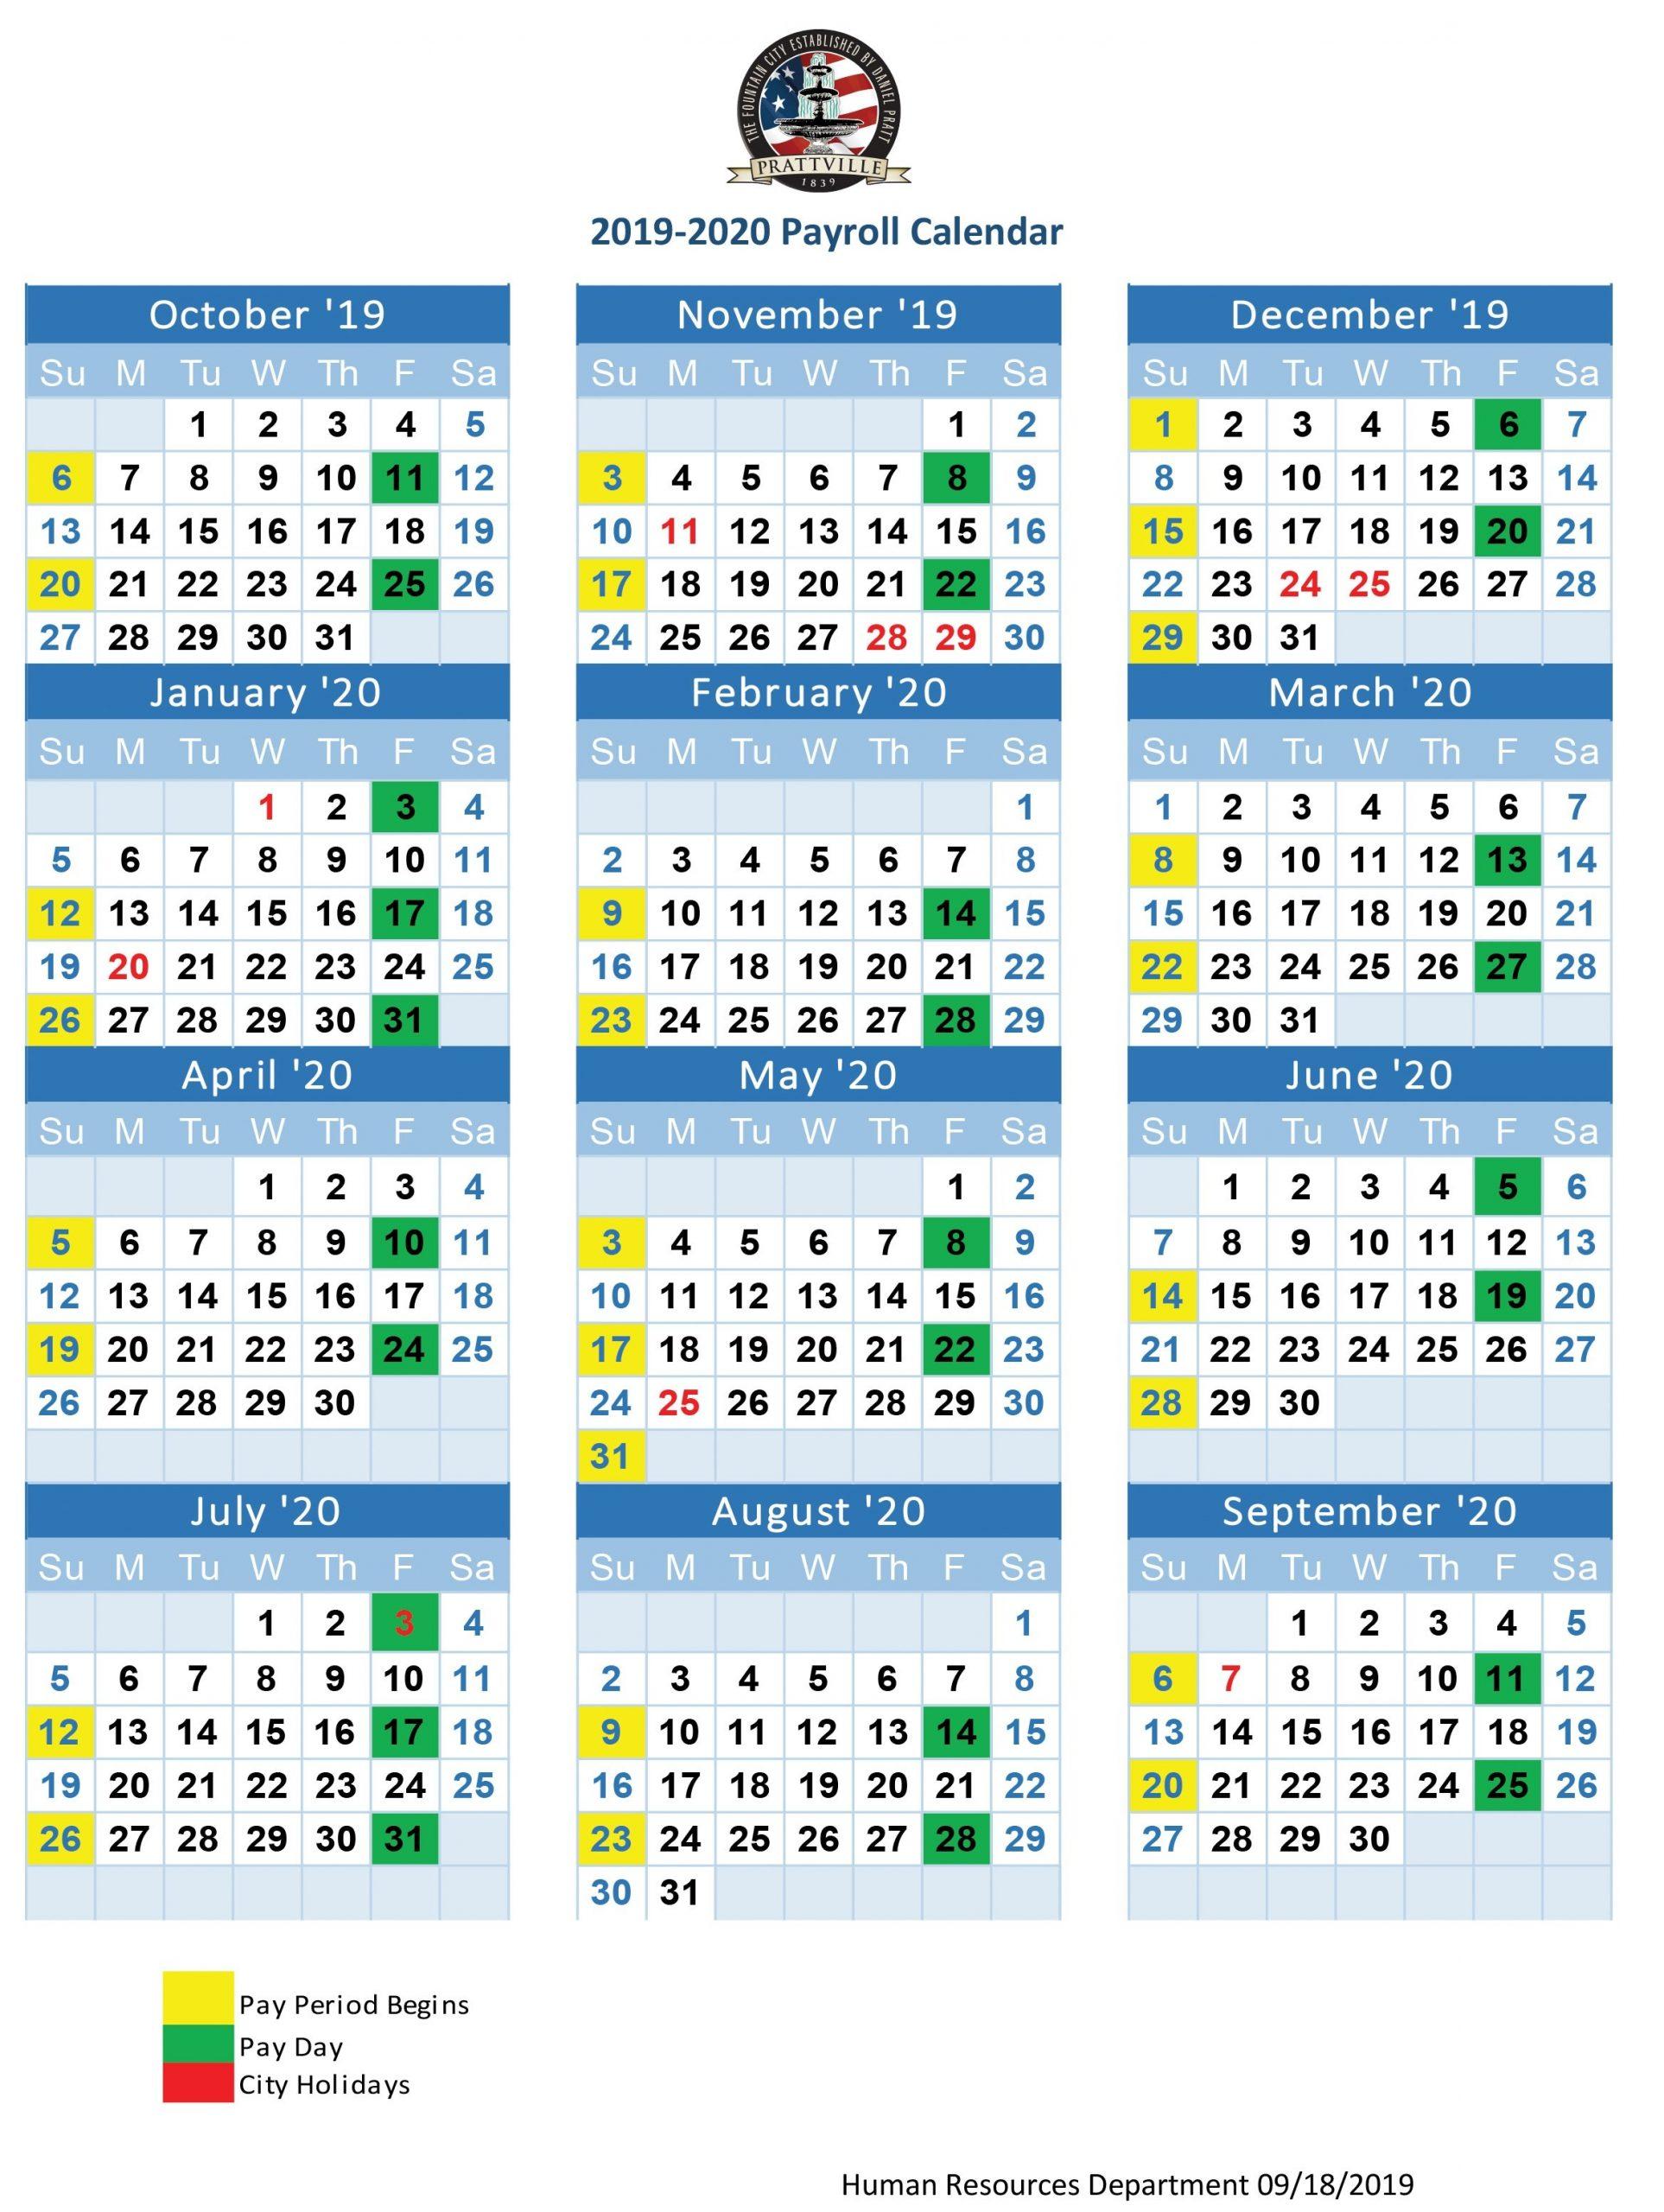 2019-20 Payroll Calendar | Human Resources : Prattville  Federal Pay Period Calendar